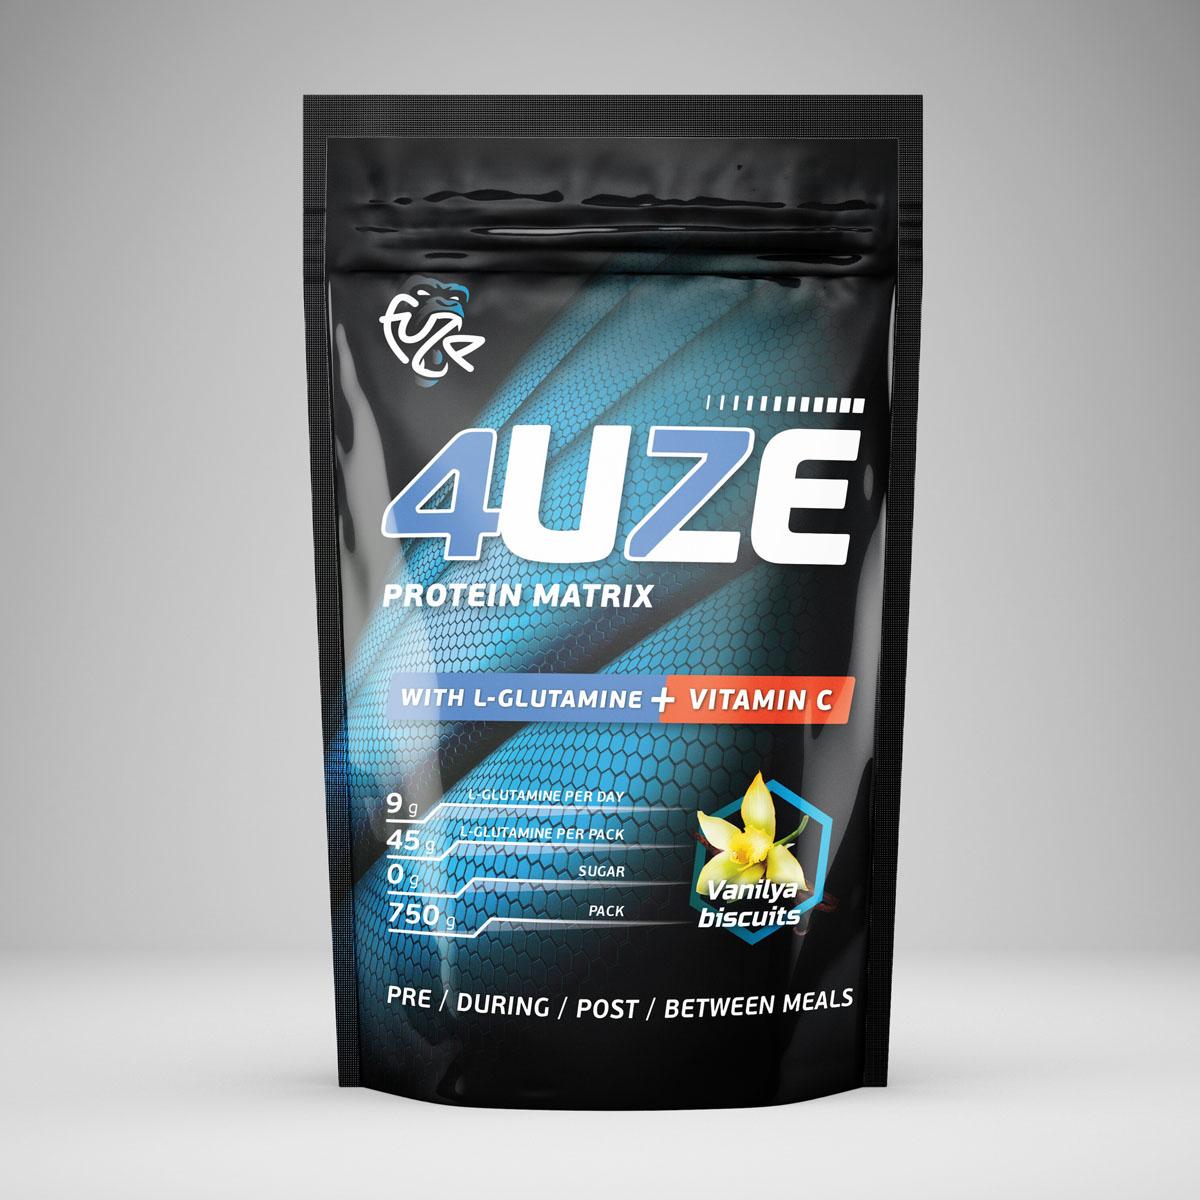 Протеин PureProtein Fuze + Glutamine, ванильное печенье, 750 г3610299Для тех, кто особенно следит за своей иммунной системой разработан 4uze Glutamine + Vitamin C. Кроме полезного при профилактике заболеваний витамина С, в составе этого продукта есть также аминокислота глутамин, которая отлично поддерживает иммунную систему. А прием глутамина совместно с протеином поможет в лучшей адаптации к тренировочным нагрузкам. Ингредиенты: концентрат сывороточного белка - 37,6%, концентрат молочного белка - 18,9%, сухой яичный белок - 18,9%, изолят соевого белка - 19,1 %, пшеничный белок - 5,5%, фруктоза, декстроза, соевый лецитин, мальтодекстрин, витамин С, глутамин, ароматизатор, аспасвит (не содержит финилалалин), ксантановая камедь, пищевой краситель Кармин (только для вкуса Вишневый пирог). Состав может меняться в зависимости от вкусов, но новые компоненты (из основных) не добавляются. Товар сертифицирован.